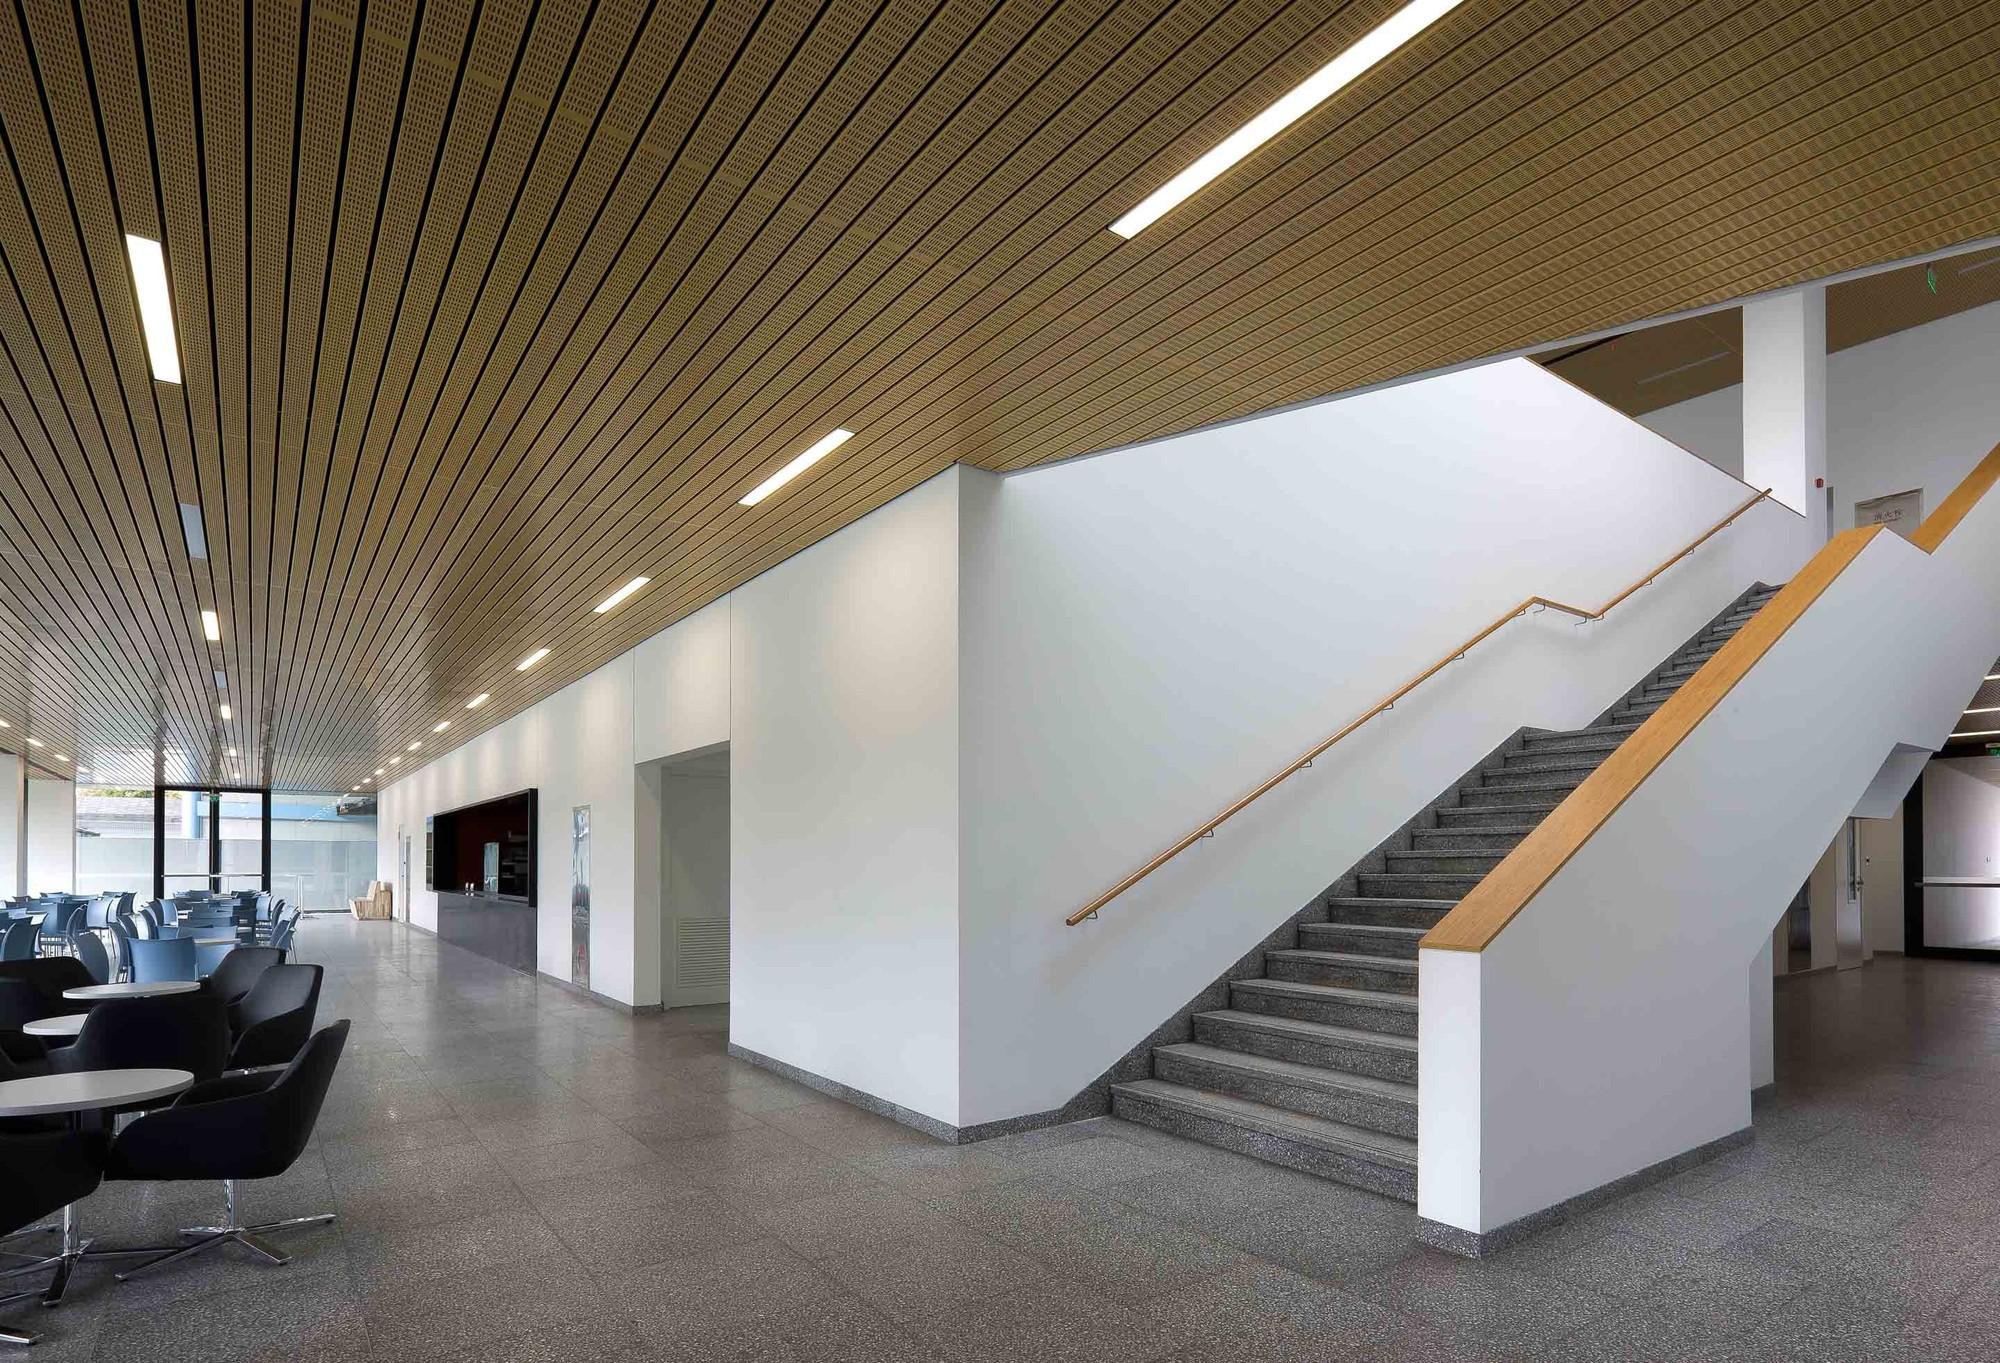 Roche Canteen / EXH Design